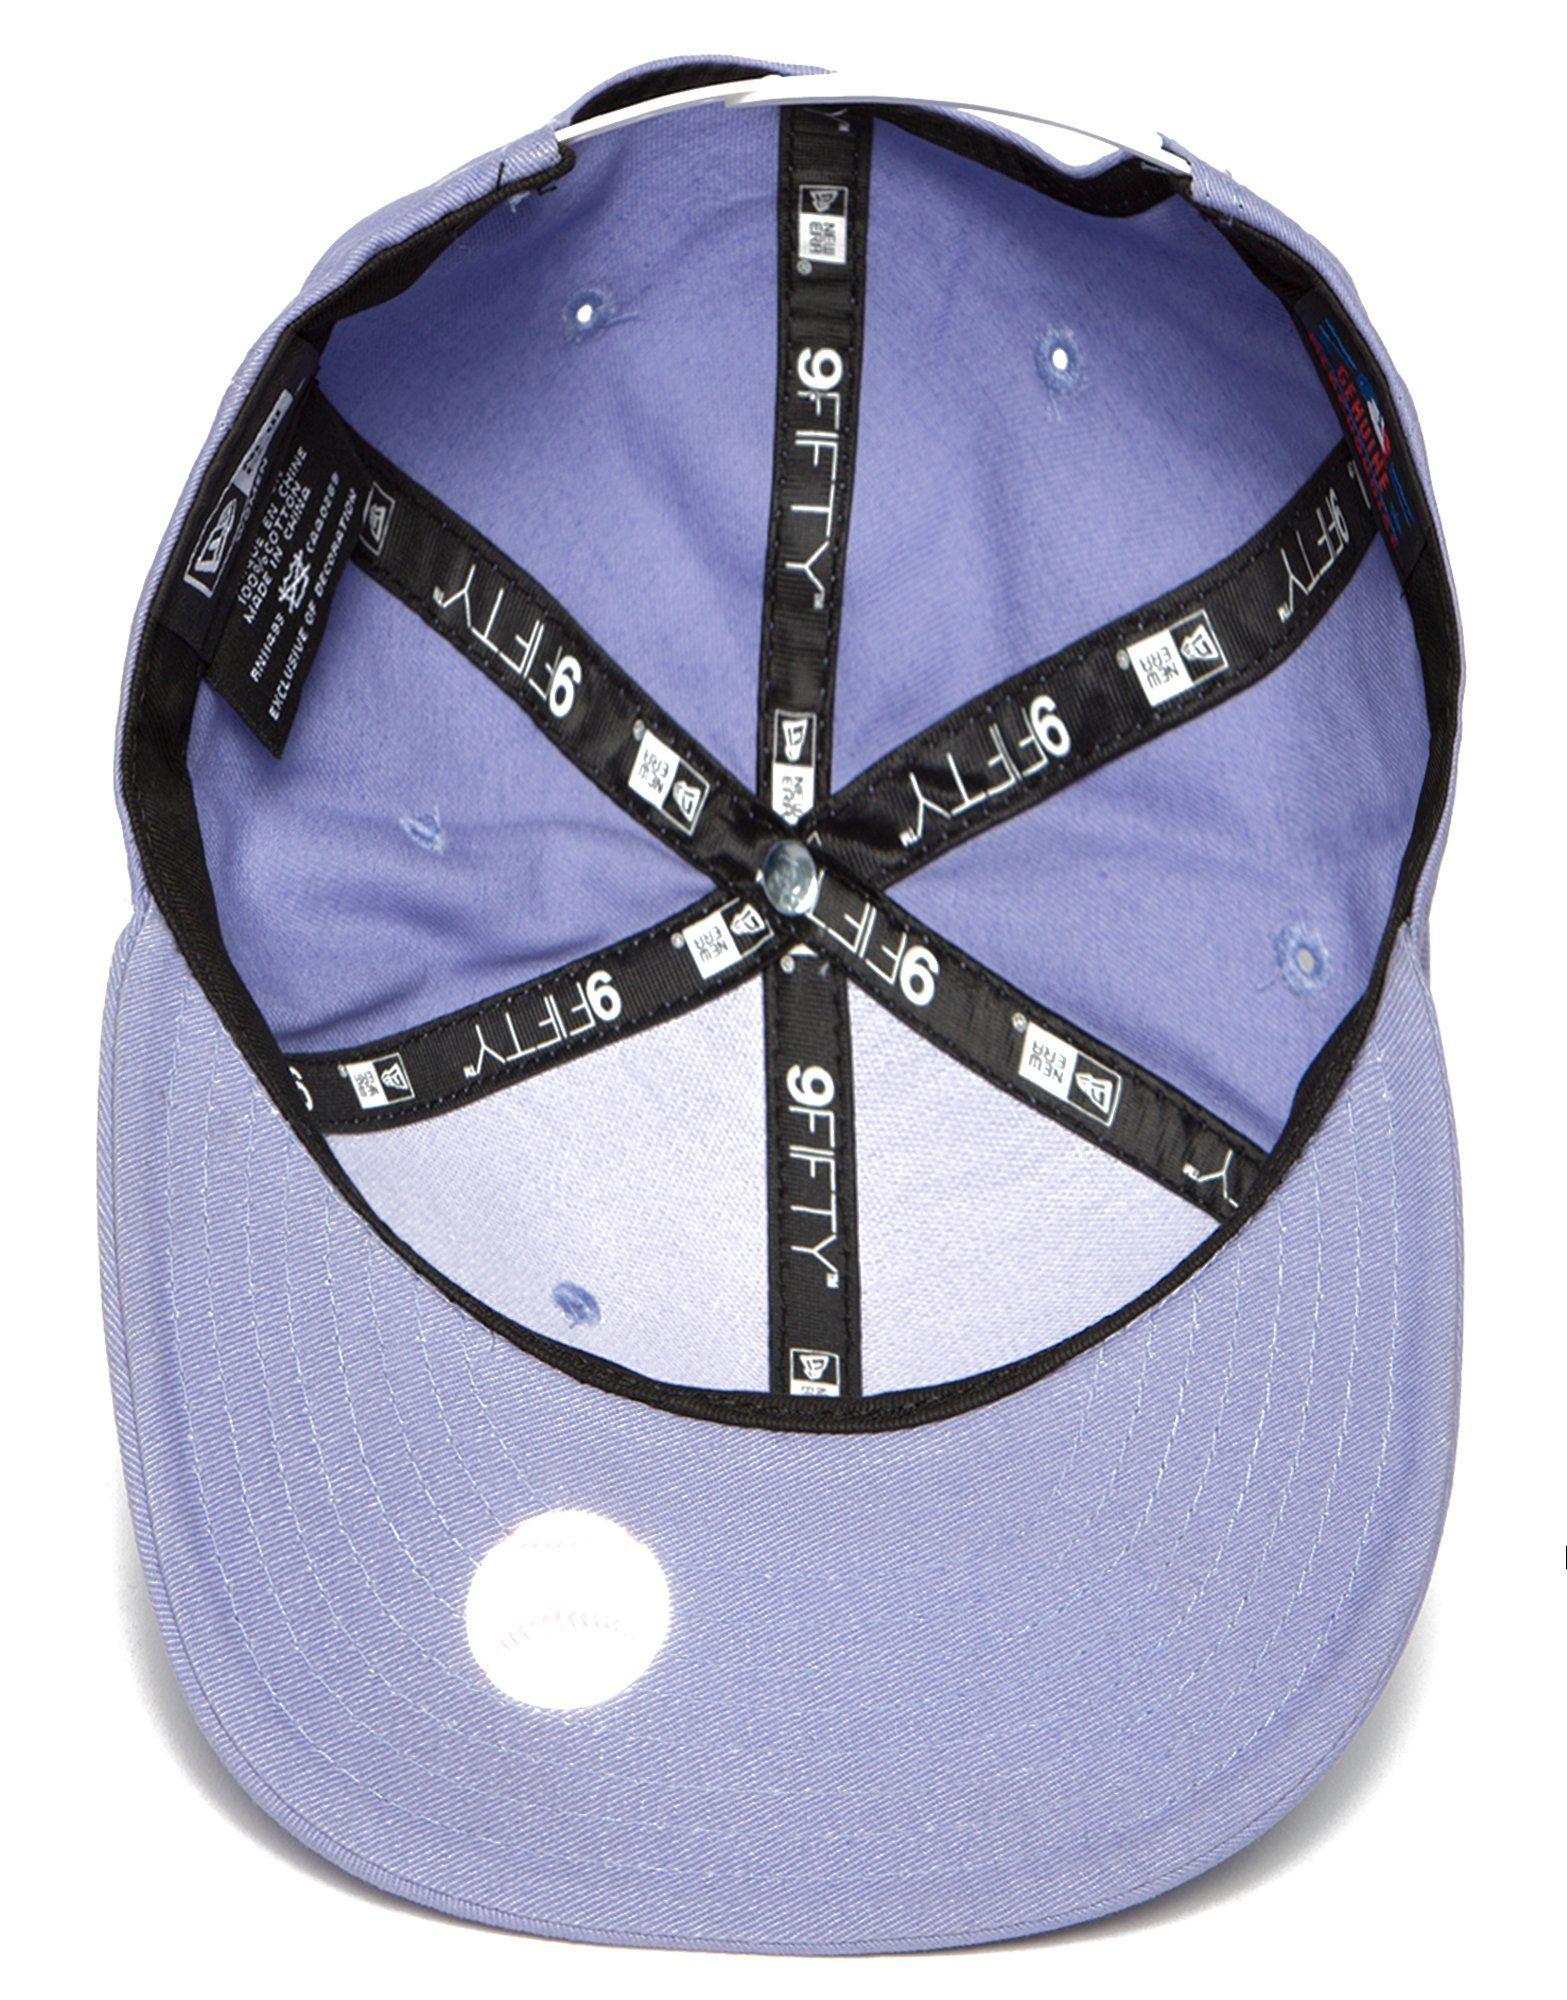 New Era 9FIFTY MLB LA Dodgers Snapback Cap